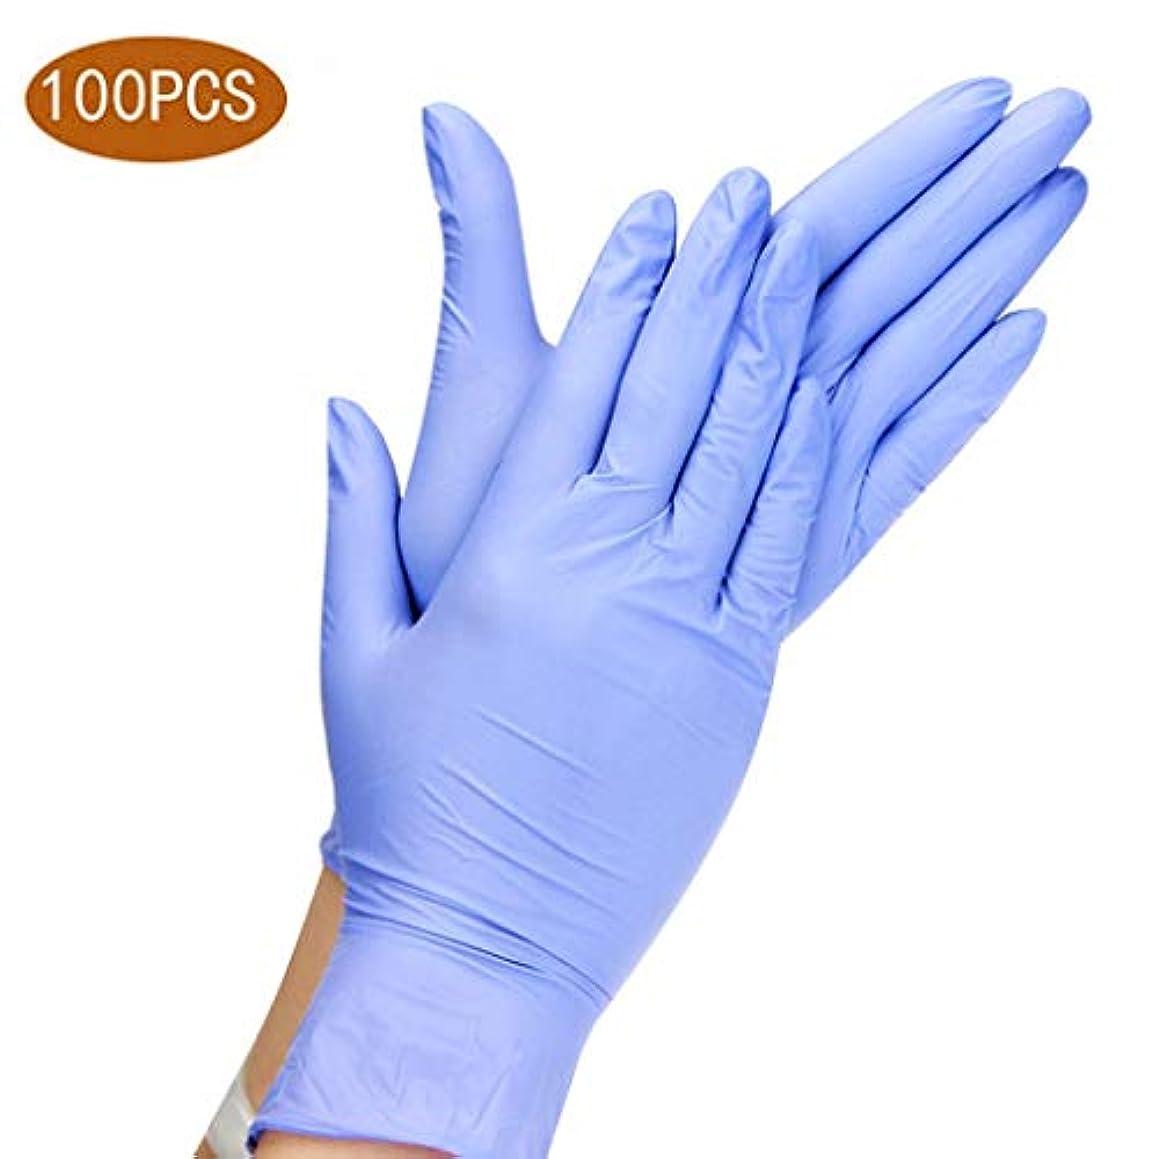 実験室無臭音楽ニトリル手袋ビニール試験使い捨て手袋-検査実験美容歯科、弾性油耐性工業用サロンラテックスフリー、パウダーフリー、両手利き、100個 (Size : S)